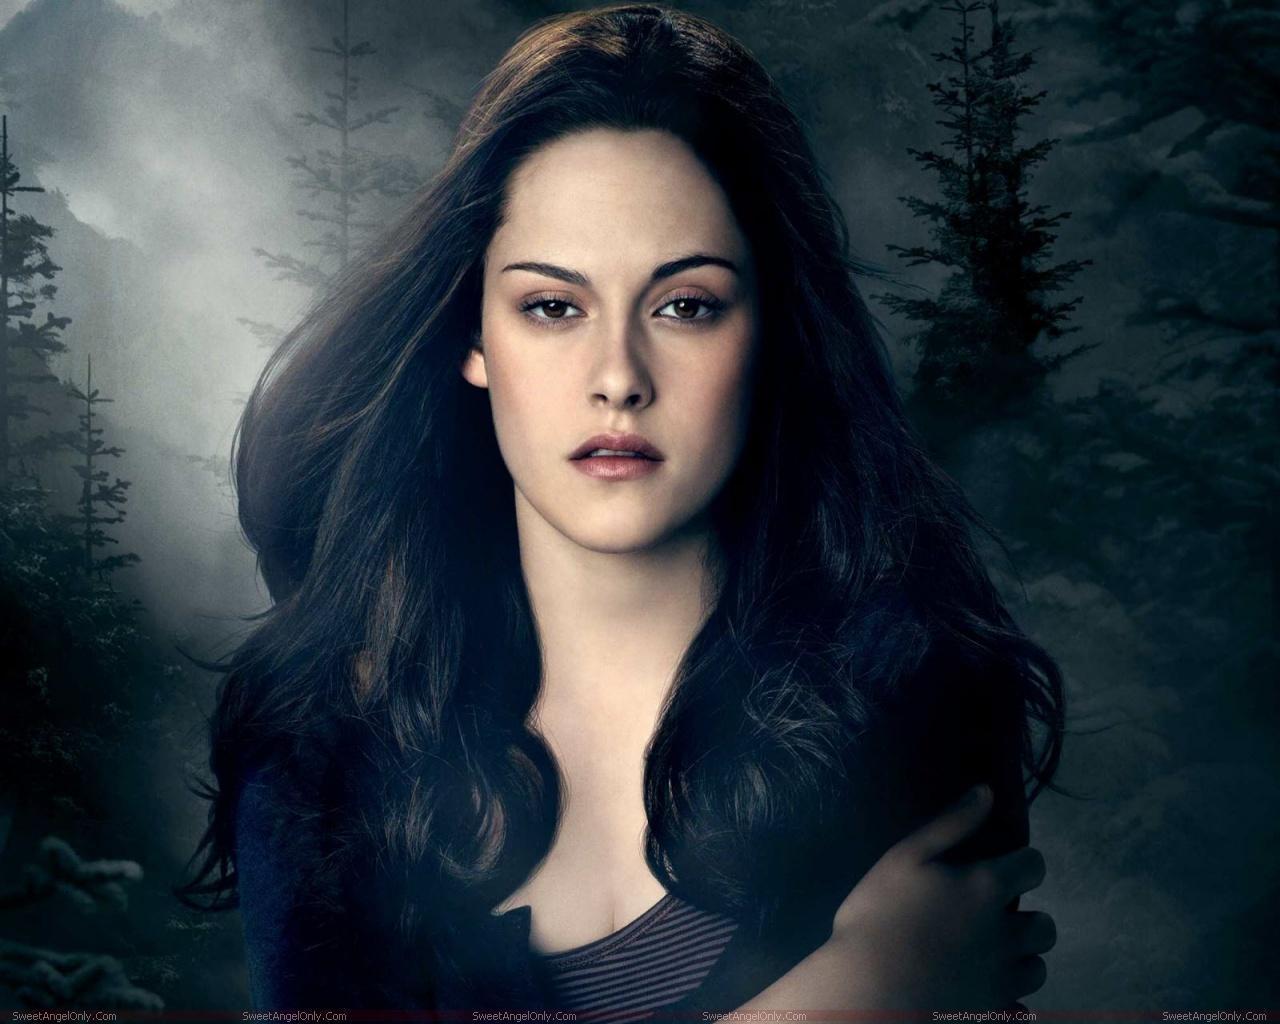 http://4.bp.blogspot.com/-_w01vyMcnUQ/TX4Sw598EKI/AAAAAAAAFjM/ko9eR_64kPo/s1600/kristen_stewart_hollywood_a_actress_wallpaper_sweetangelonly_02.jpg